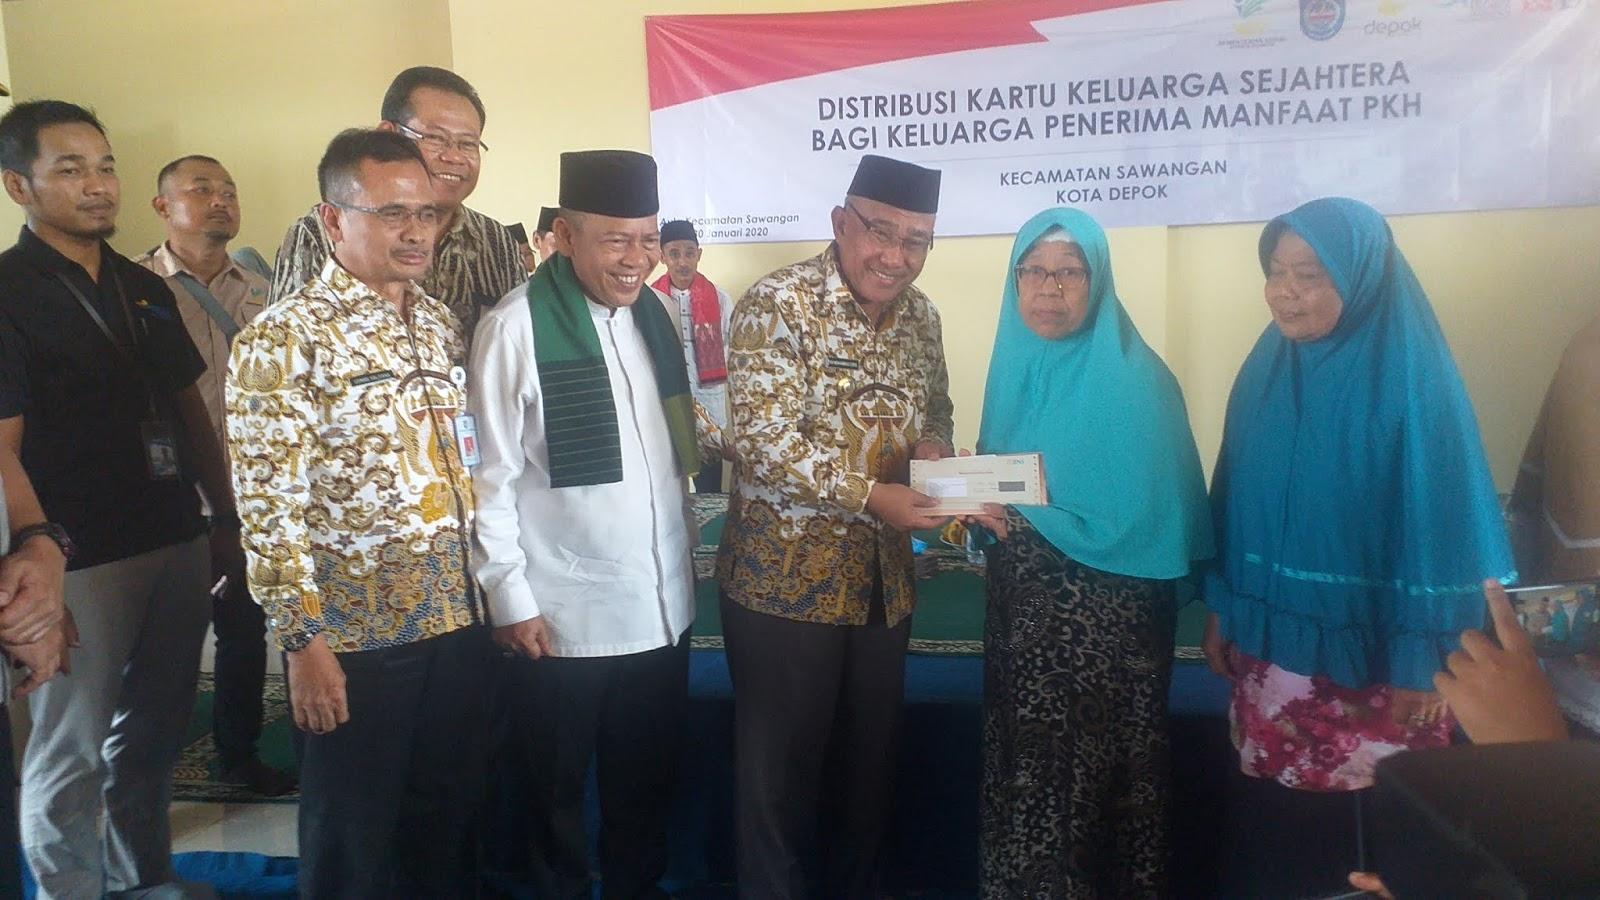 Walikota Depok serahkan kartu PKH sawangan